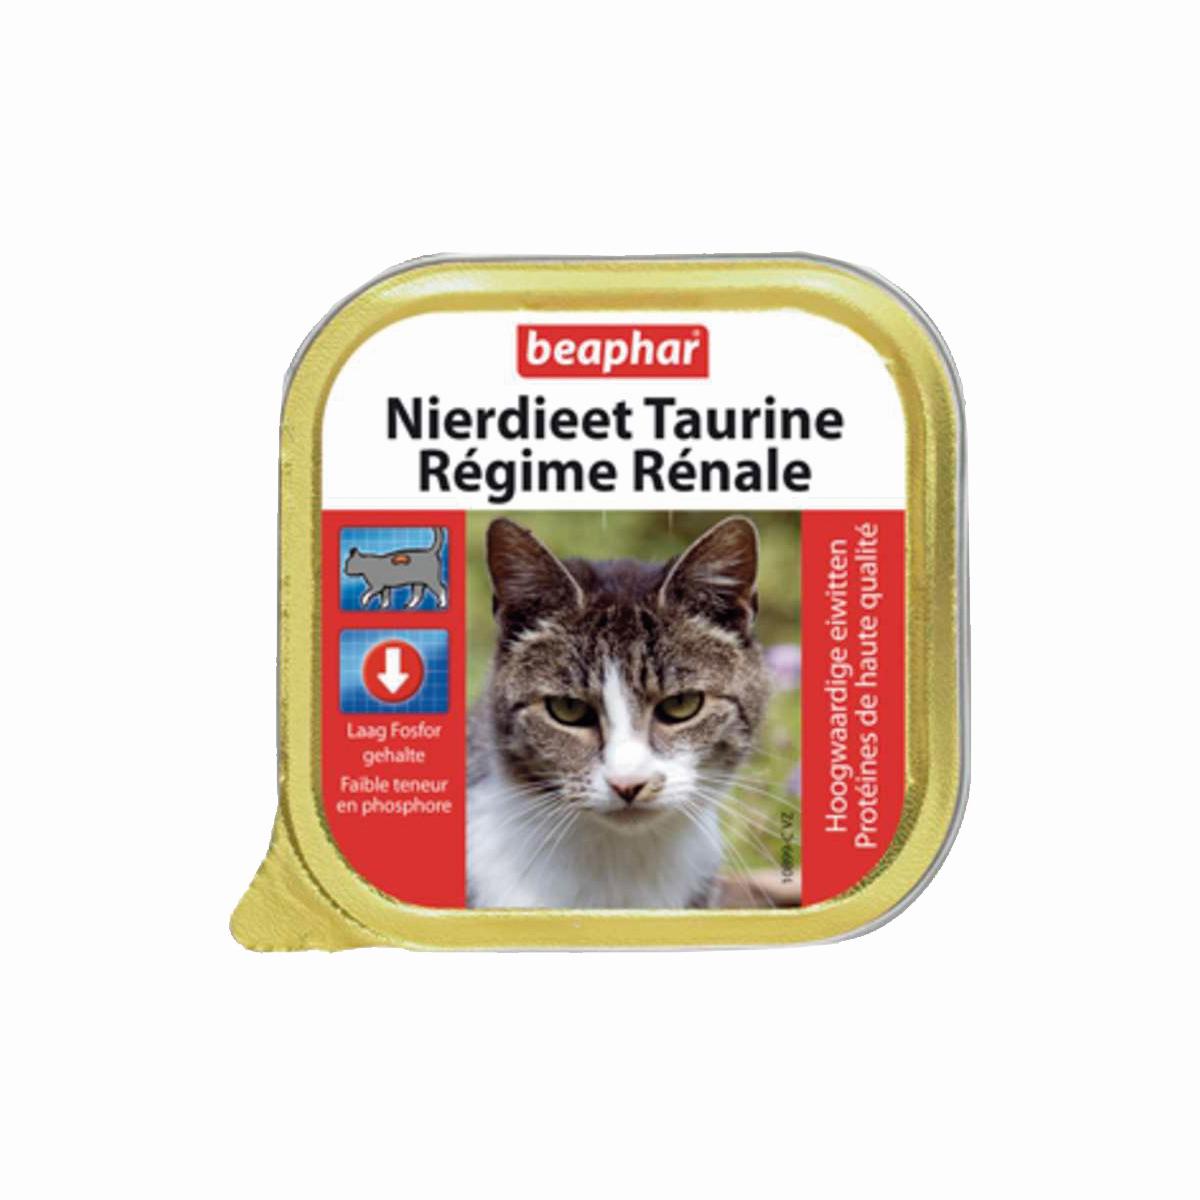 Katten > Voeding & vocht > Kuipjes & stoommaaltijden